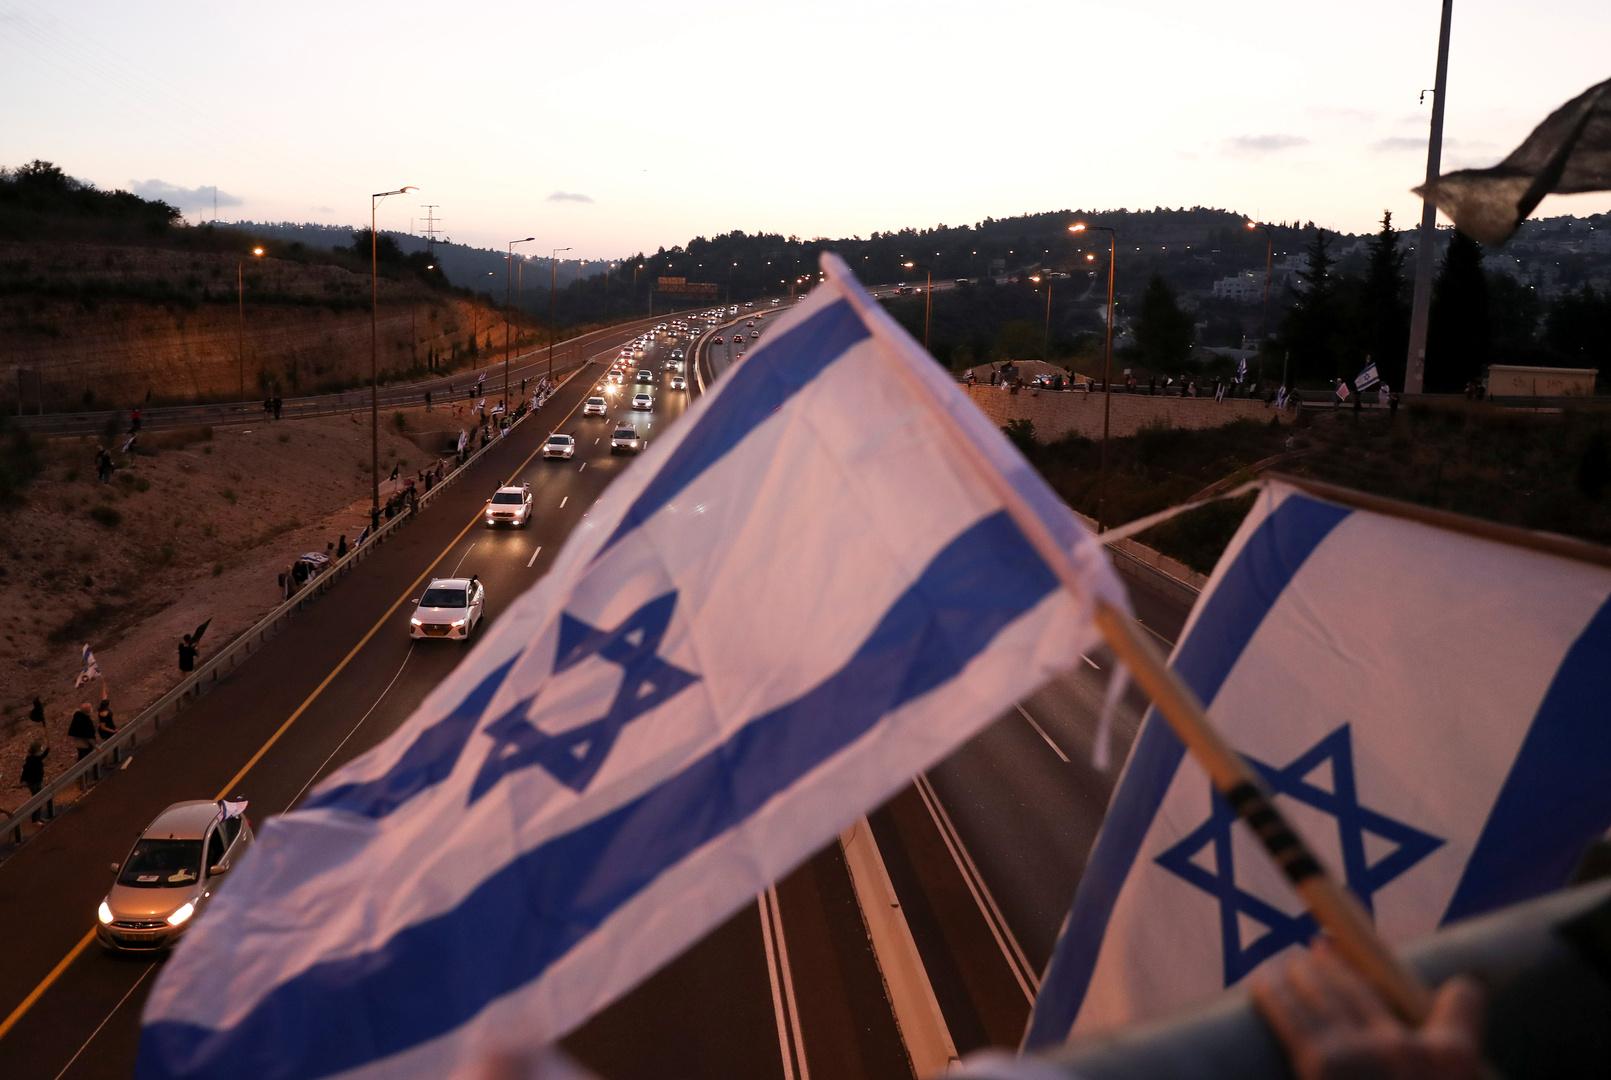 قرار قضائي إسرائيلي بمنع عرض فيلم